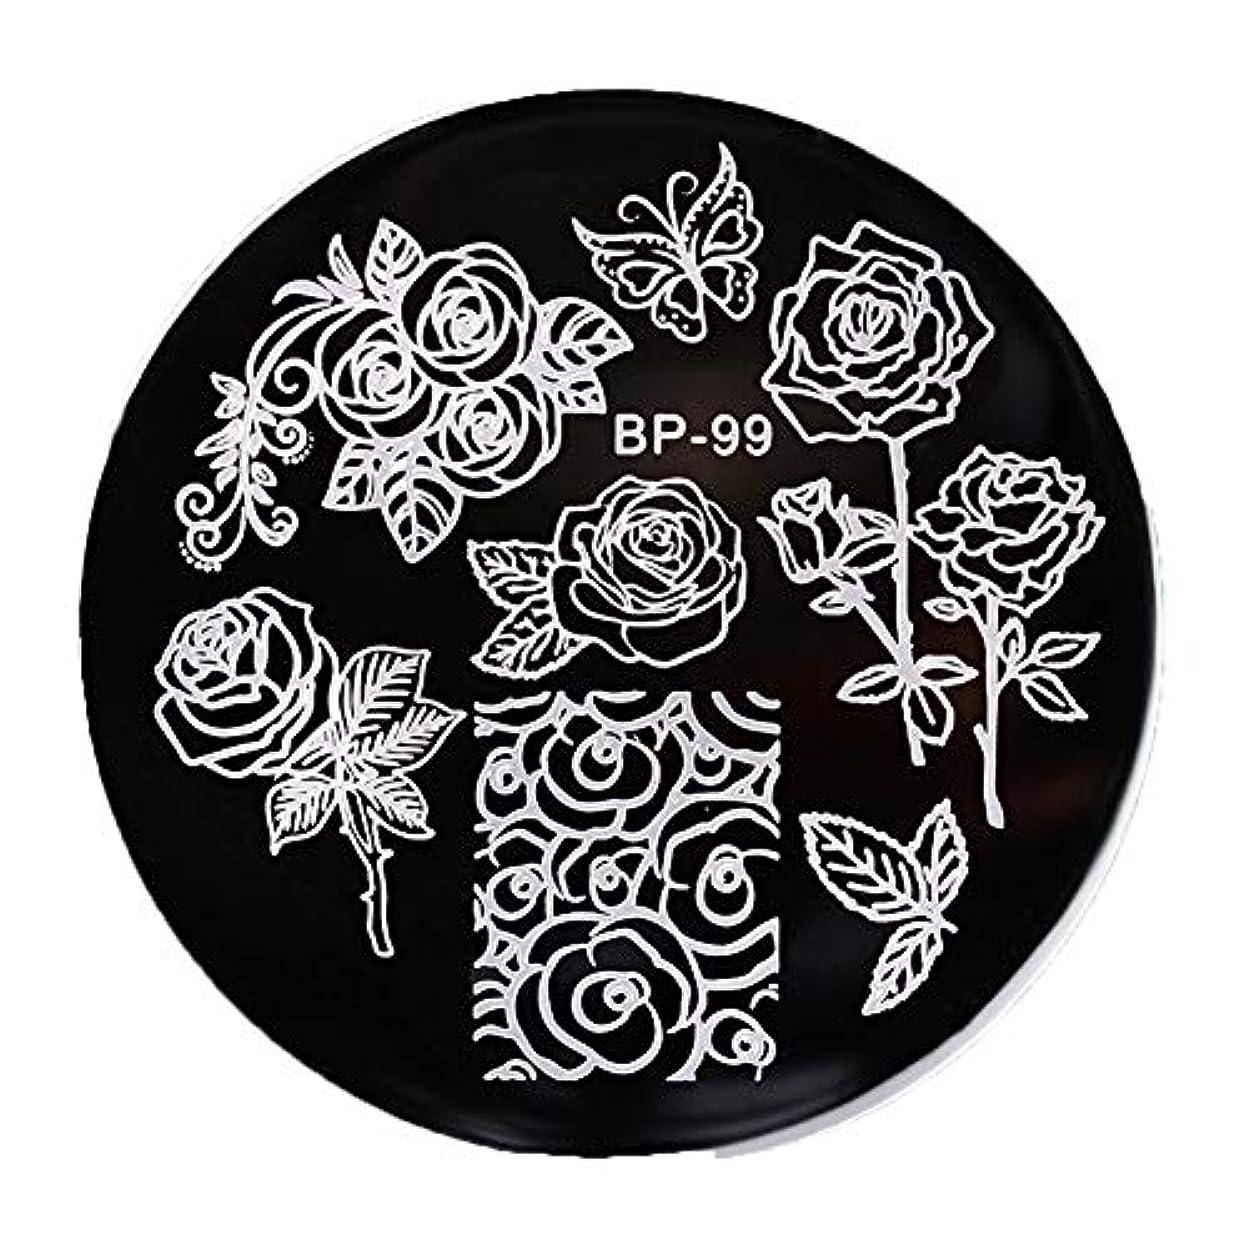 ニコチン乱暴な囲まれたBORN PRETTY 蝶*花柄 イメージプレートスタンピングプレートネイルアート5.5cm 丸い BP-99